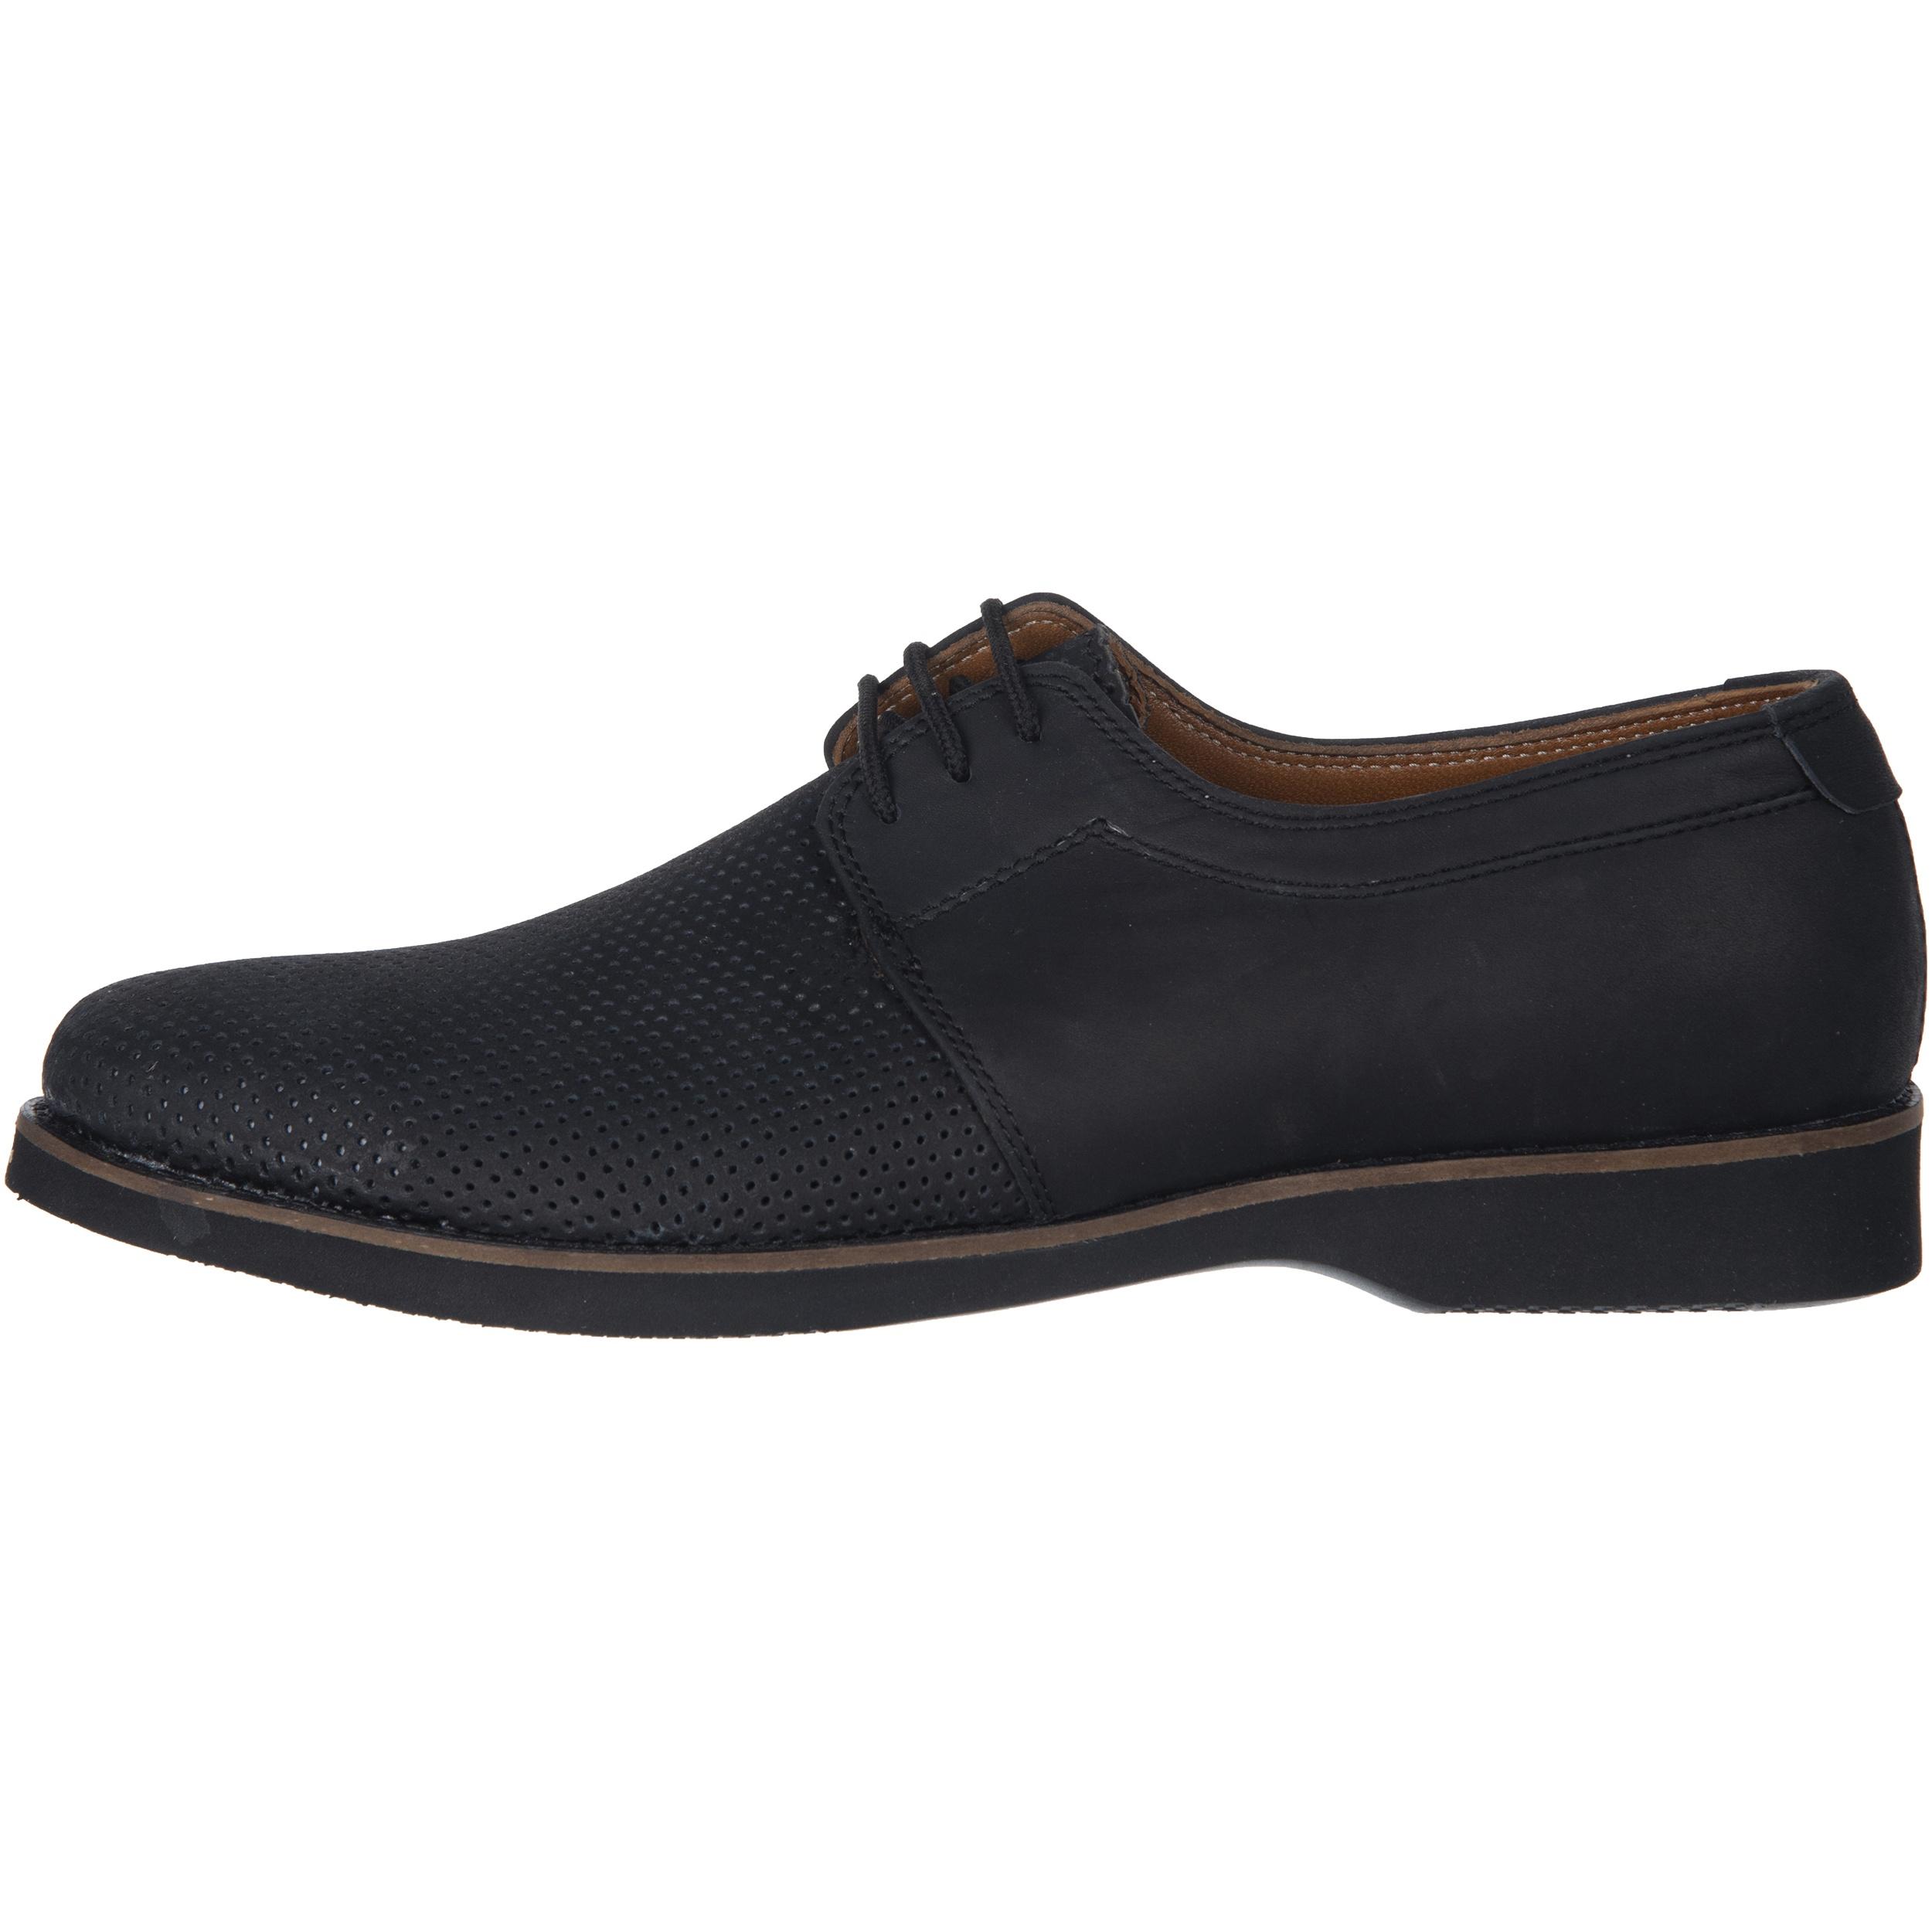 کفش مردانه پانیسا مدل 502-02